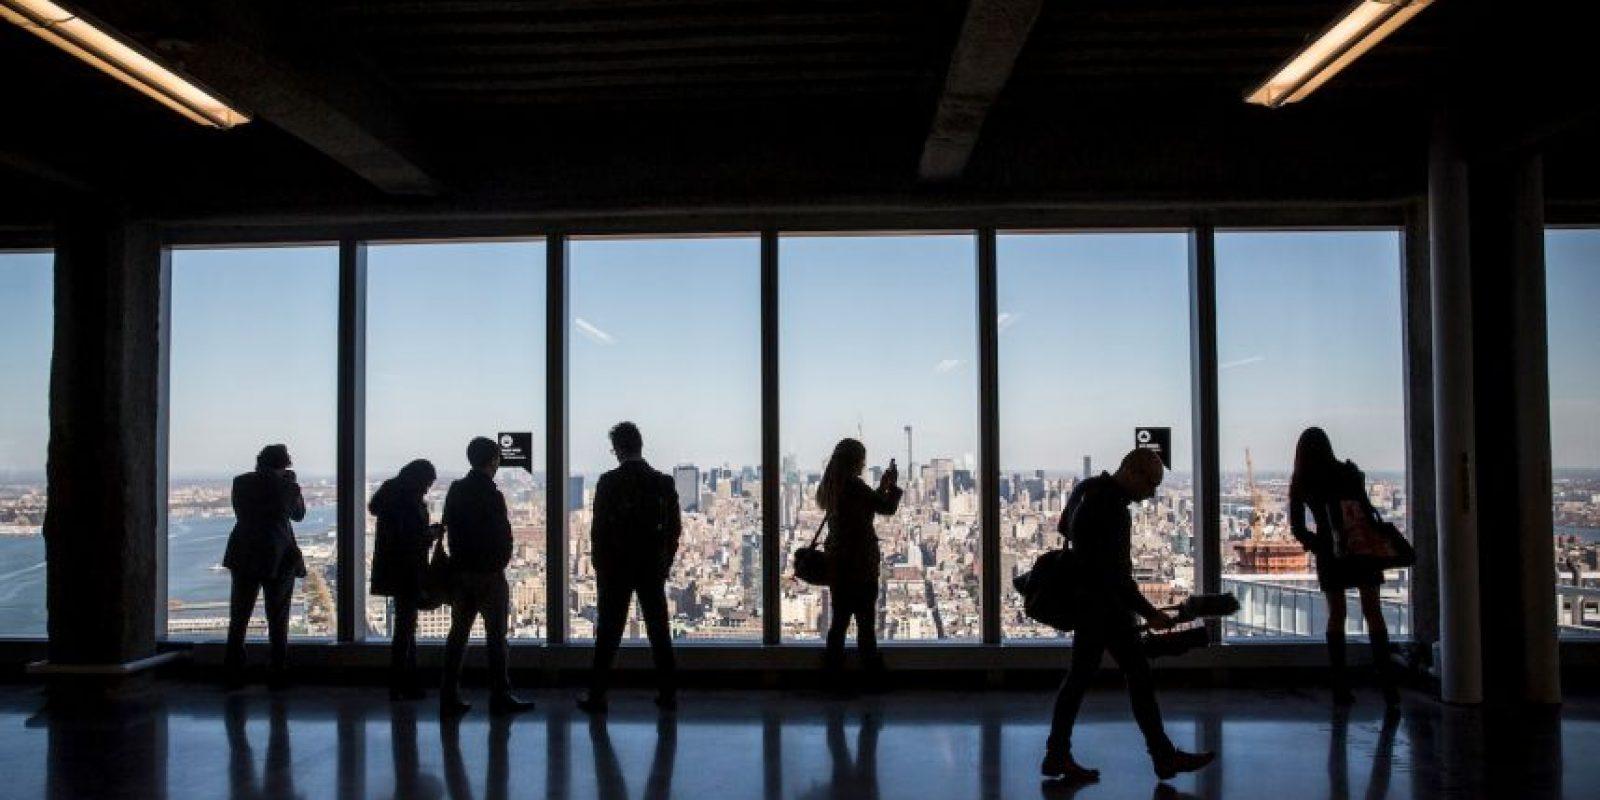 Los visitantes de la cima del edificio también tendrán un espectáculo virtual. Foto:Getty Images